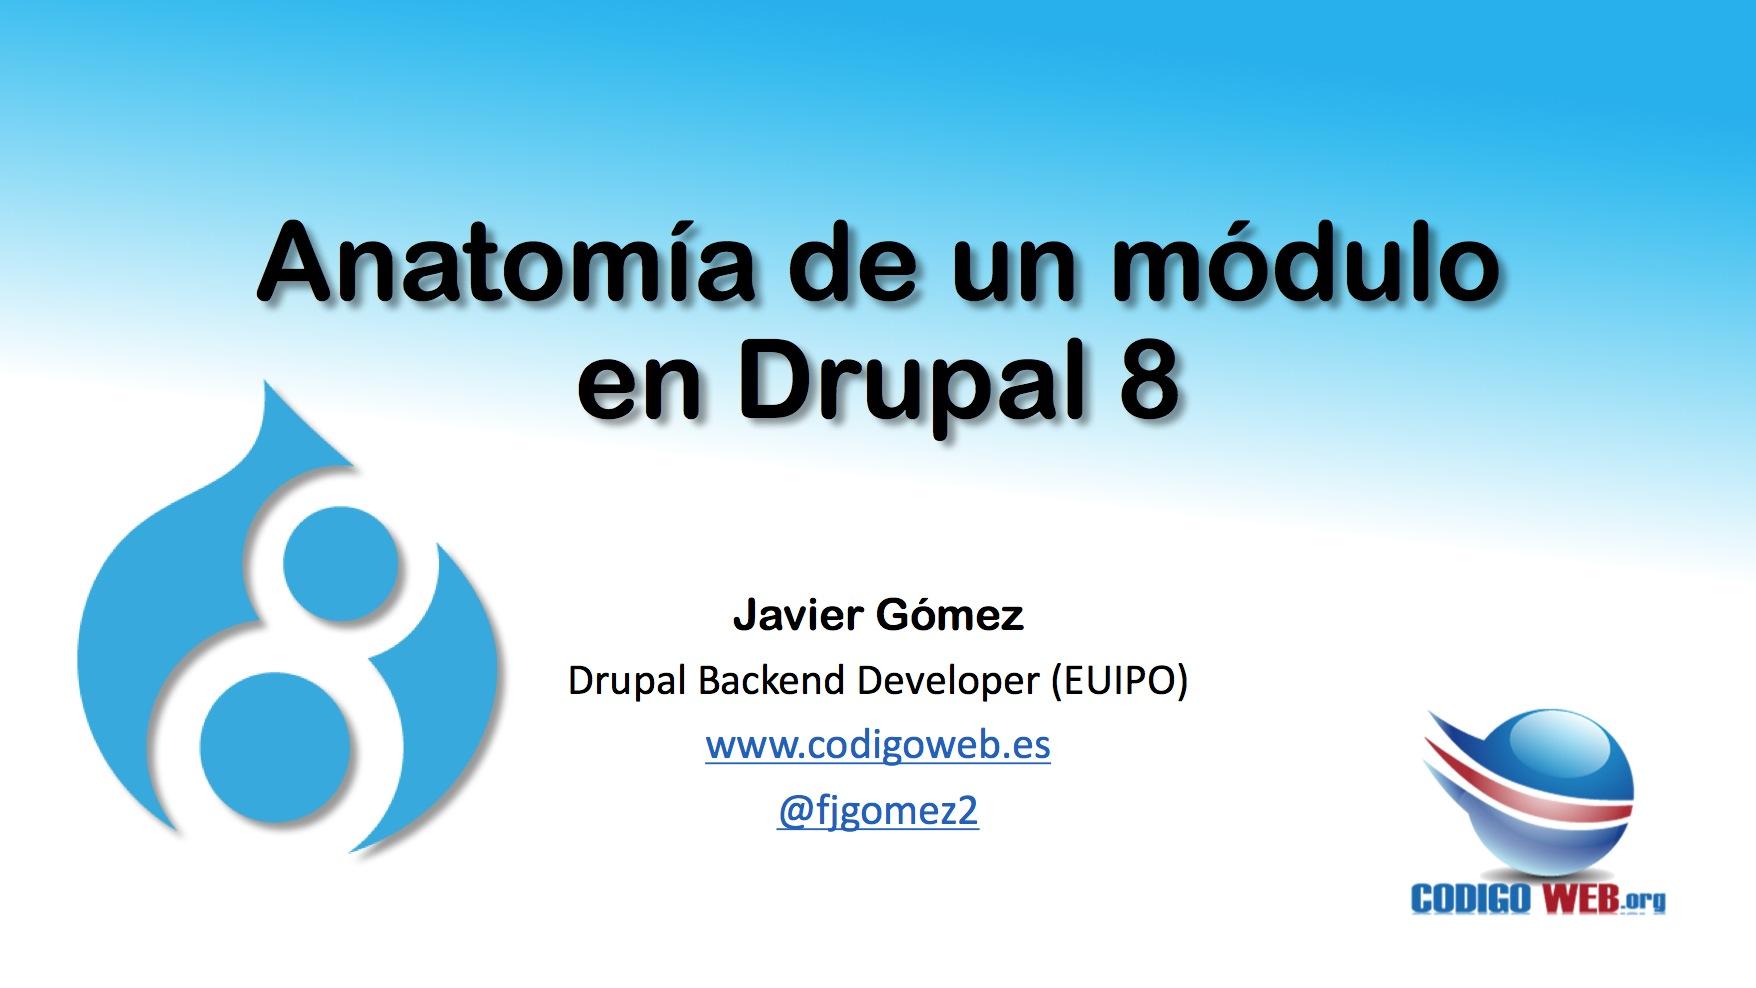 Anatomia de un módulo en Drupal 8